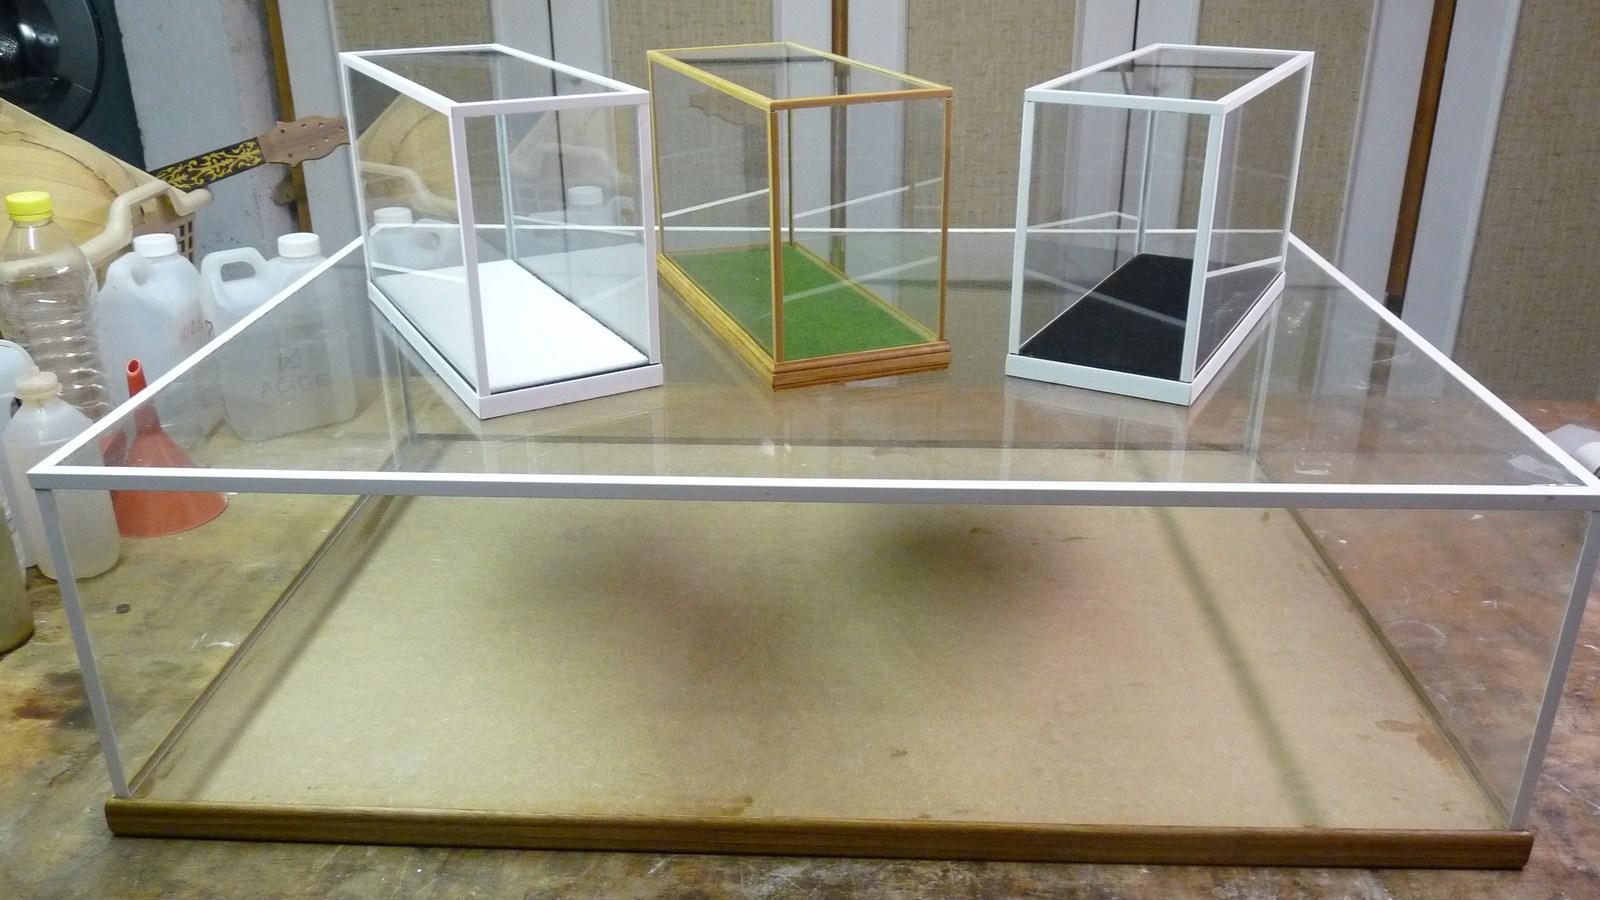 fabriquer une vitrine - Fabriquer ses propres vitrines en verre 17071907272023134915156561